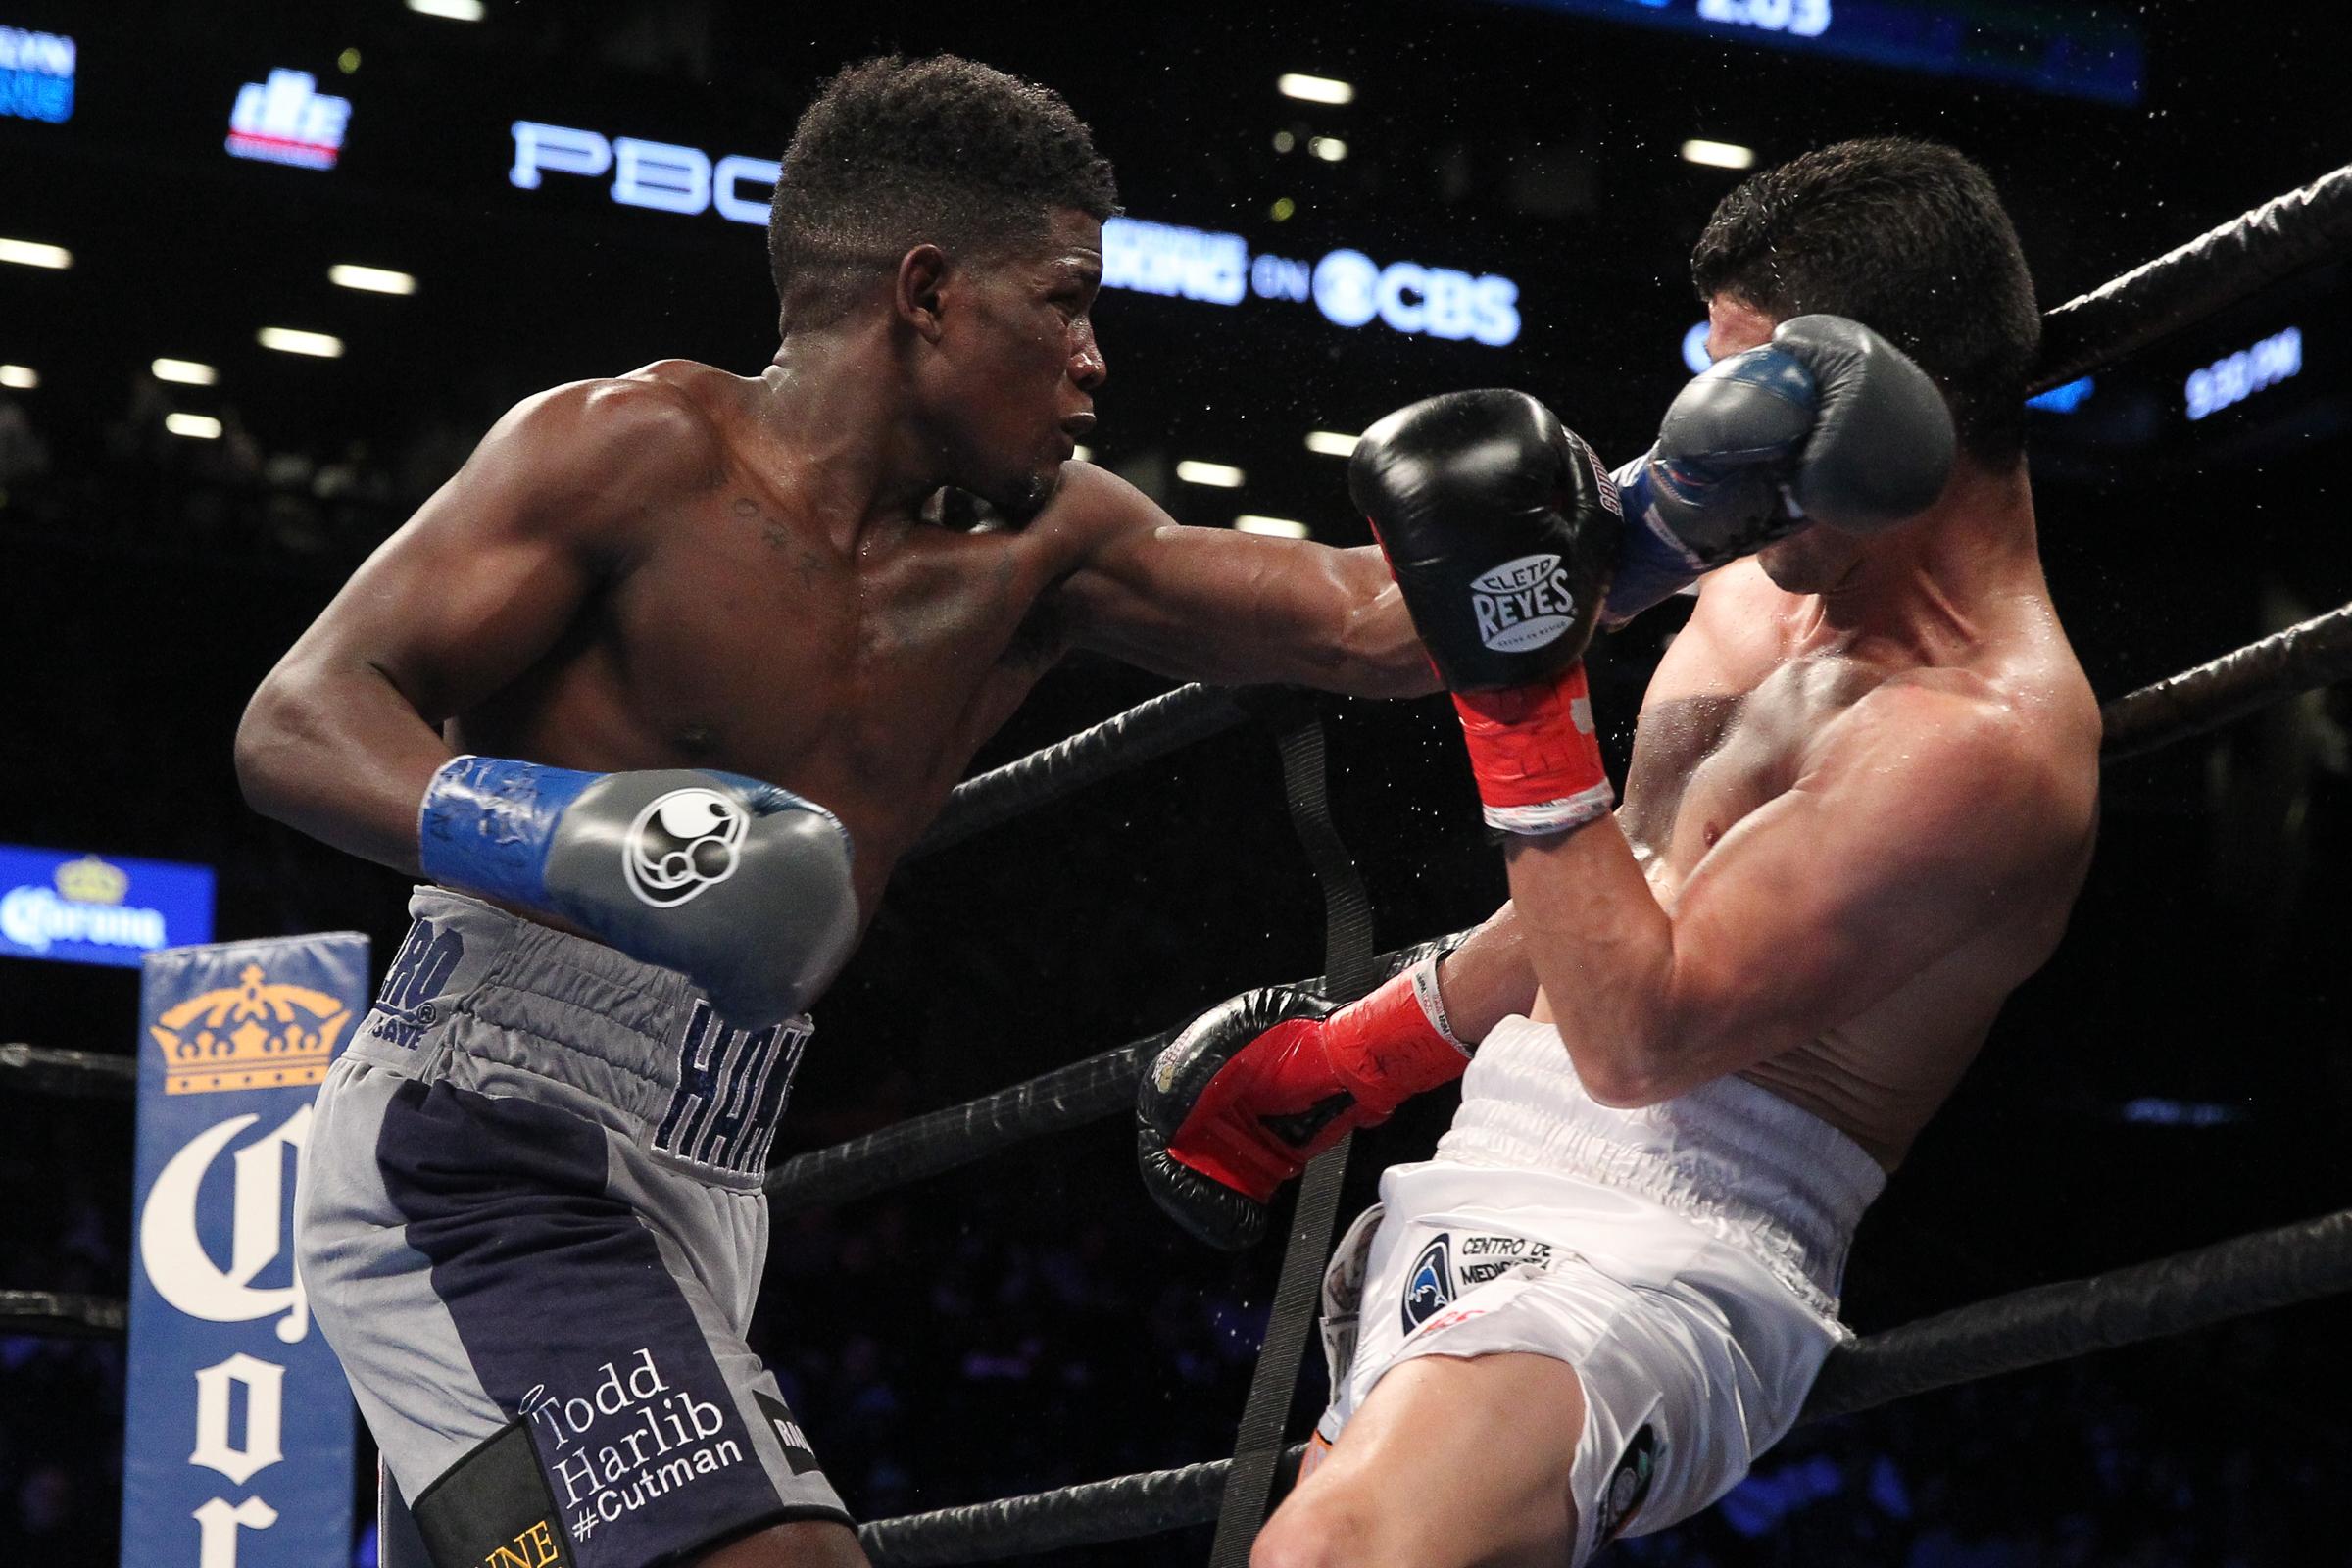 20170304_fights_1503.jpg